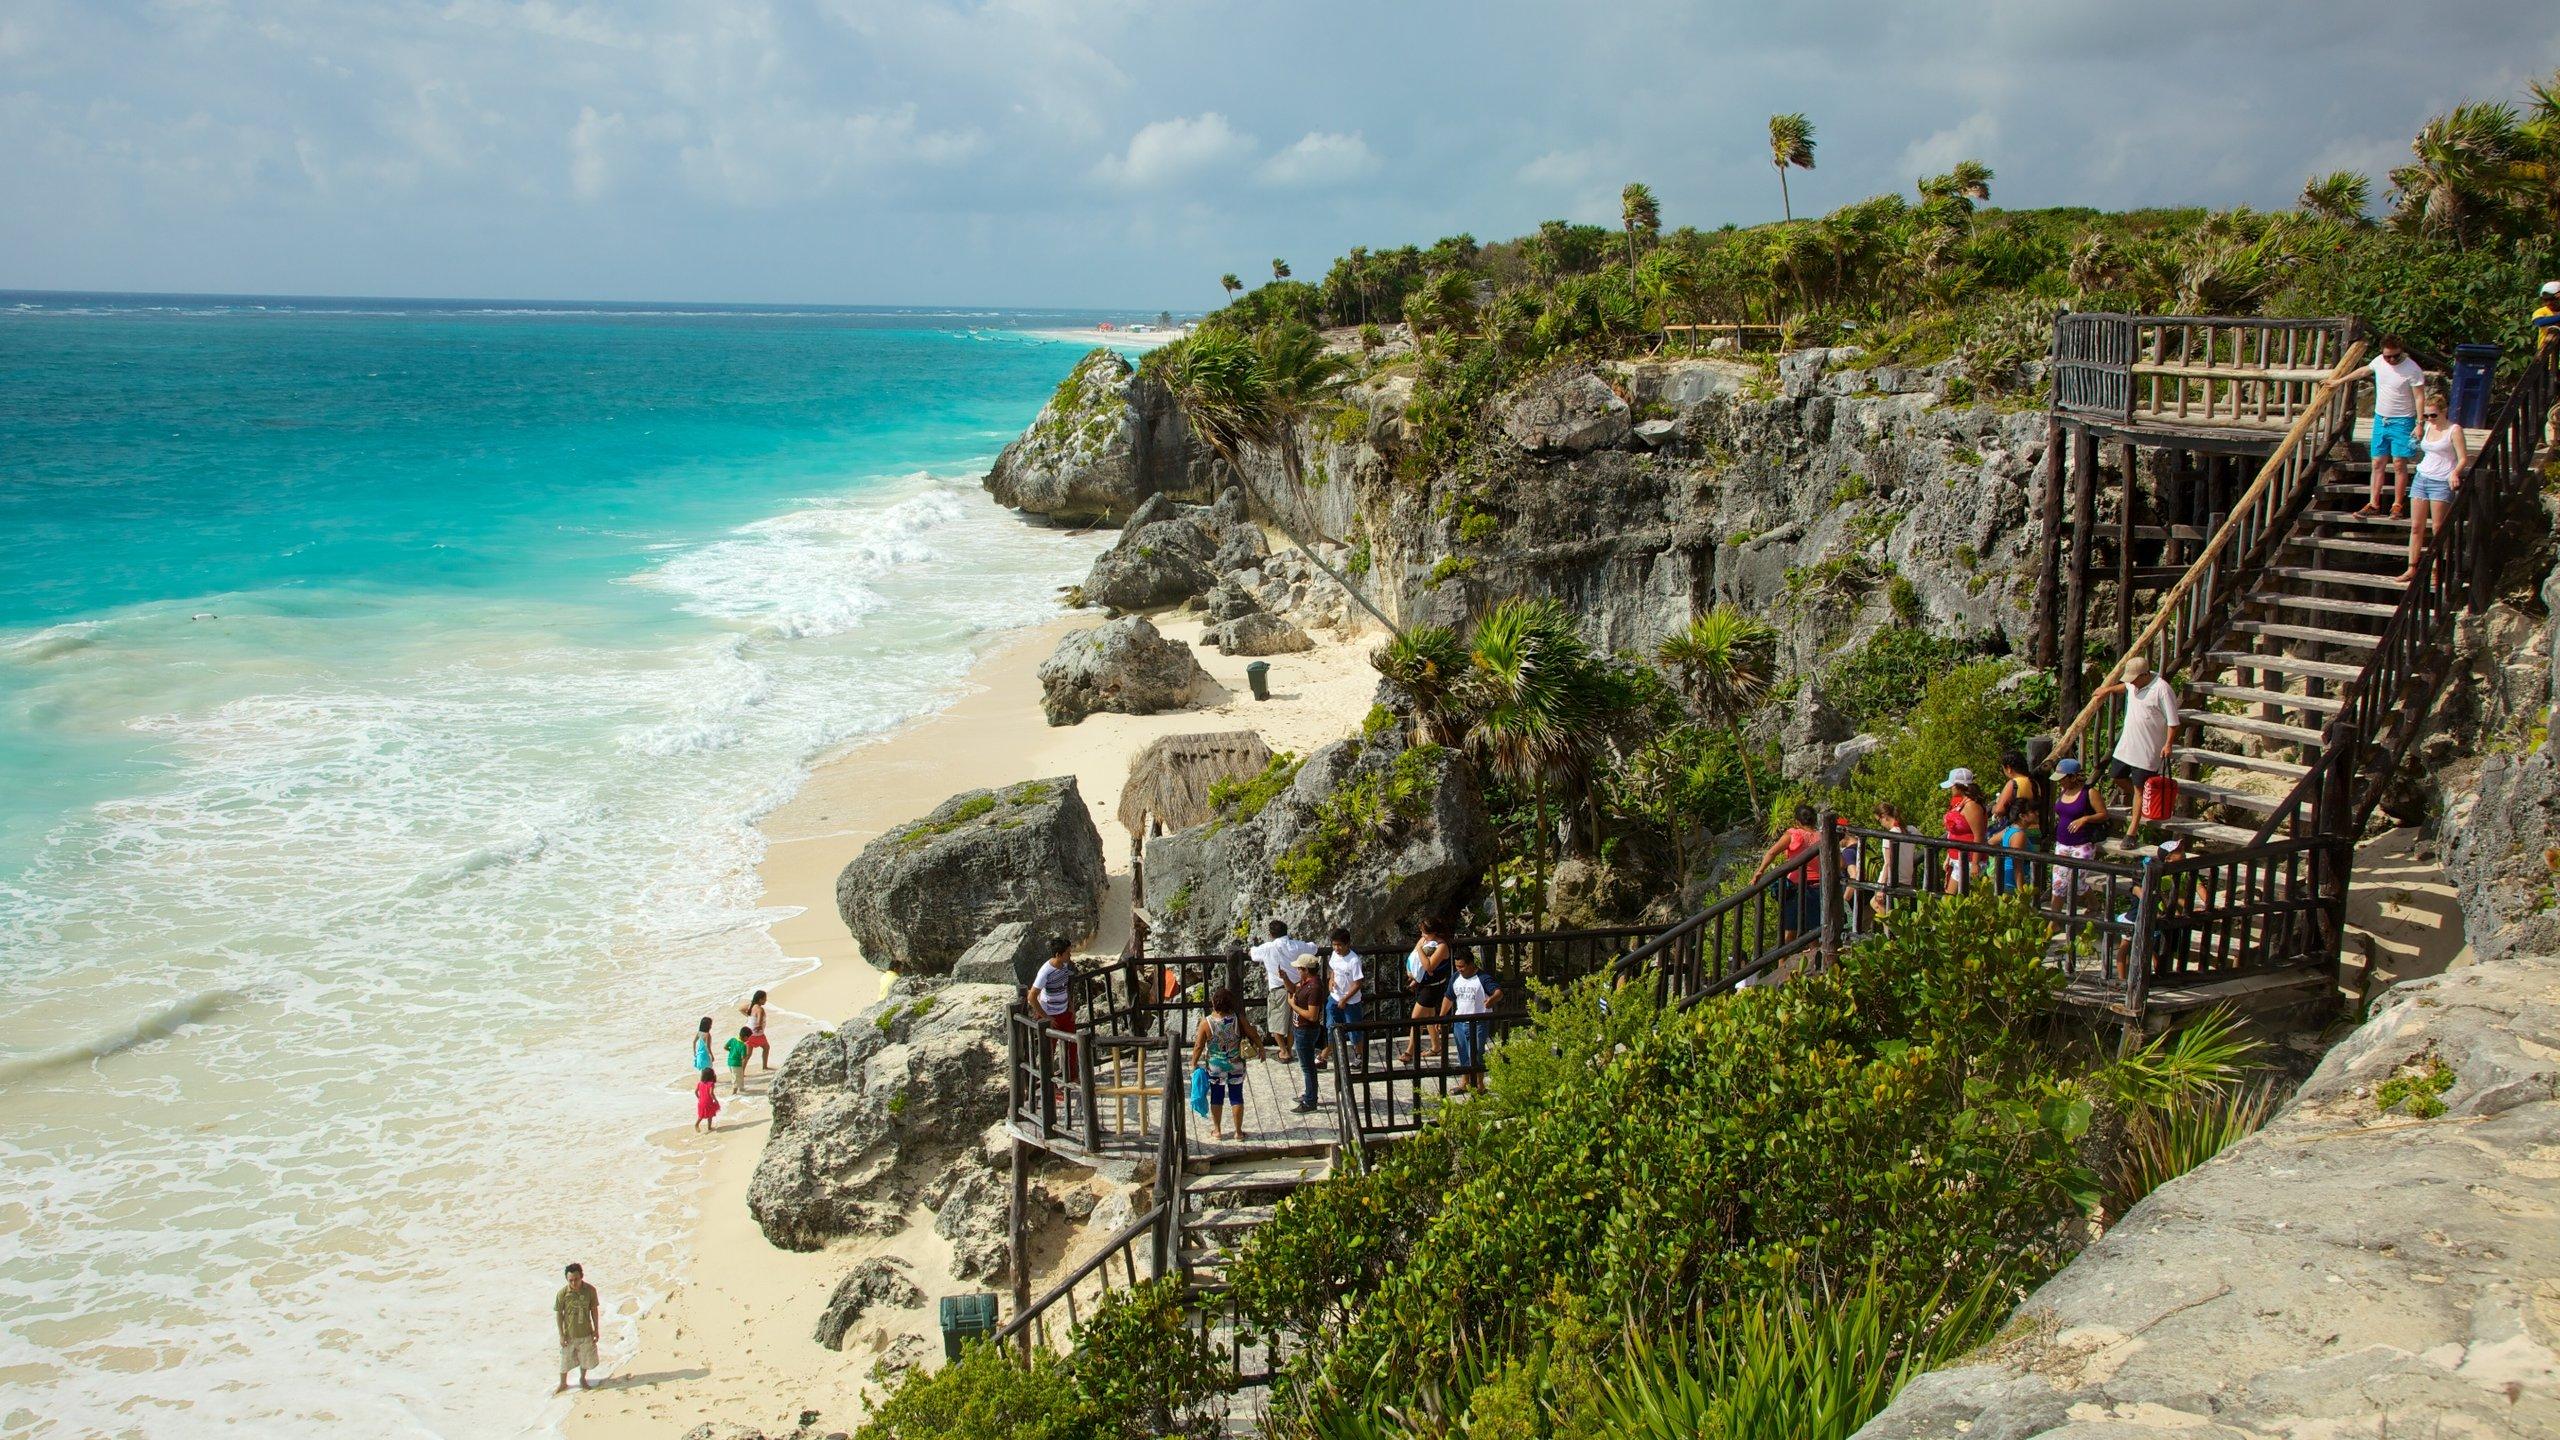 Tulum National Park, Tulum, Quintana Roo, Mexico